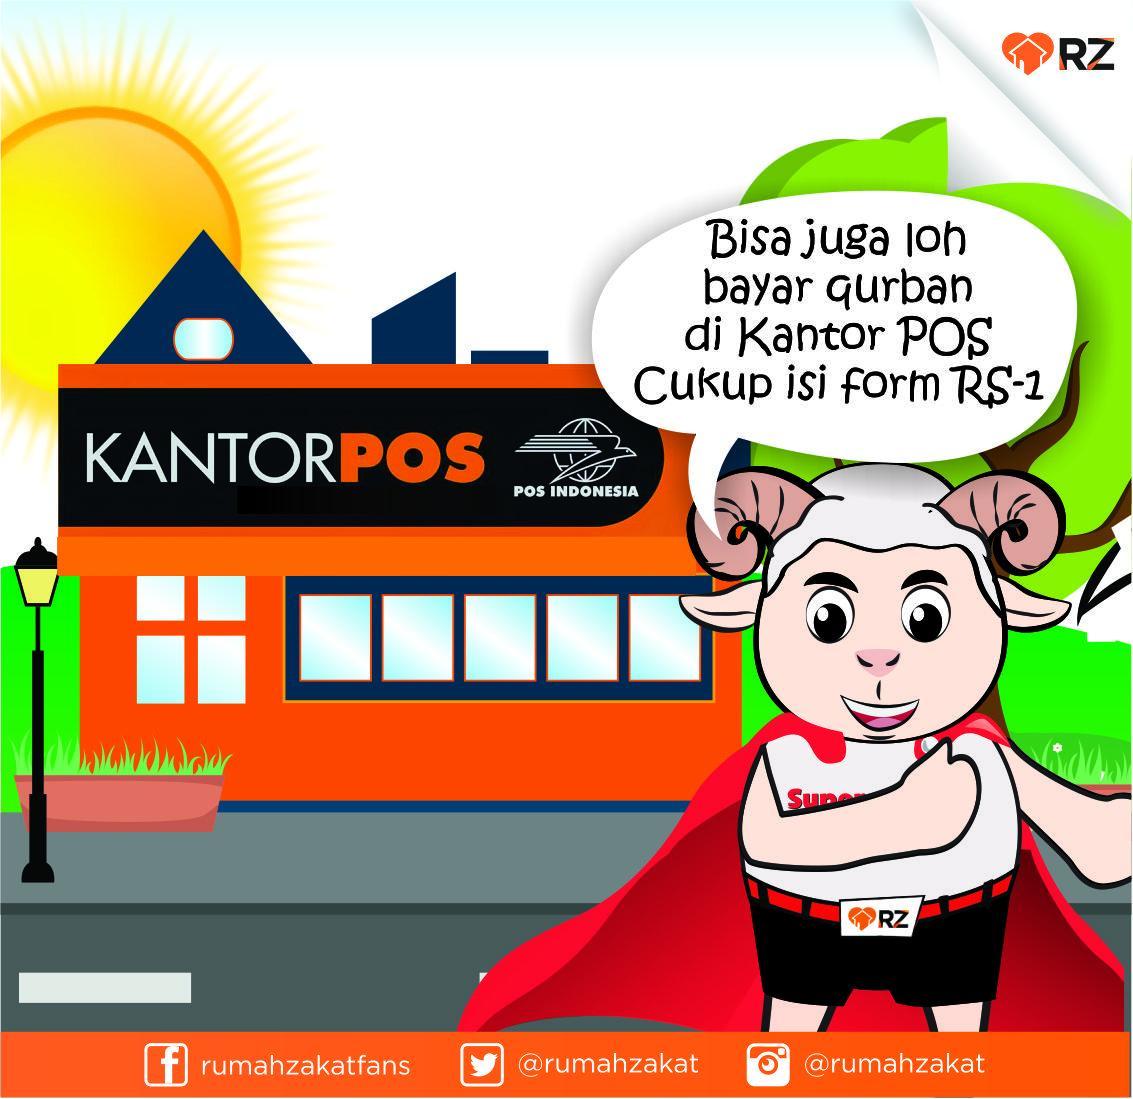 Rumah Zakat On Twitter Isi Form Rs 1 Di Bagian Wesel Pos Di Kantor